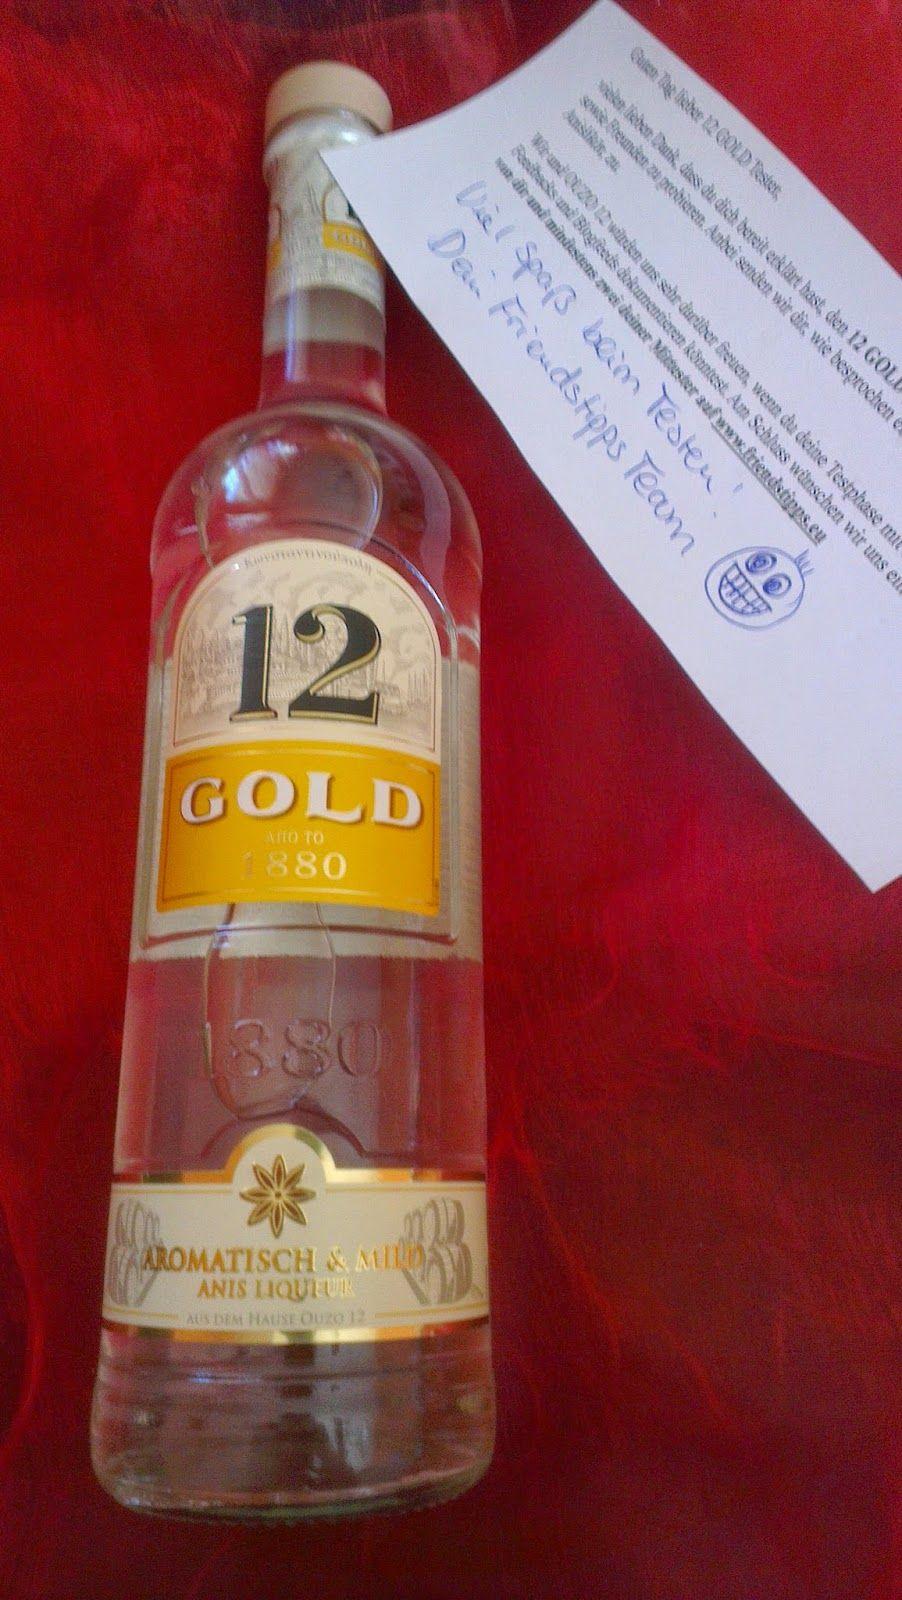 Simones Produkttest: Ouzo 12 Gold